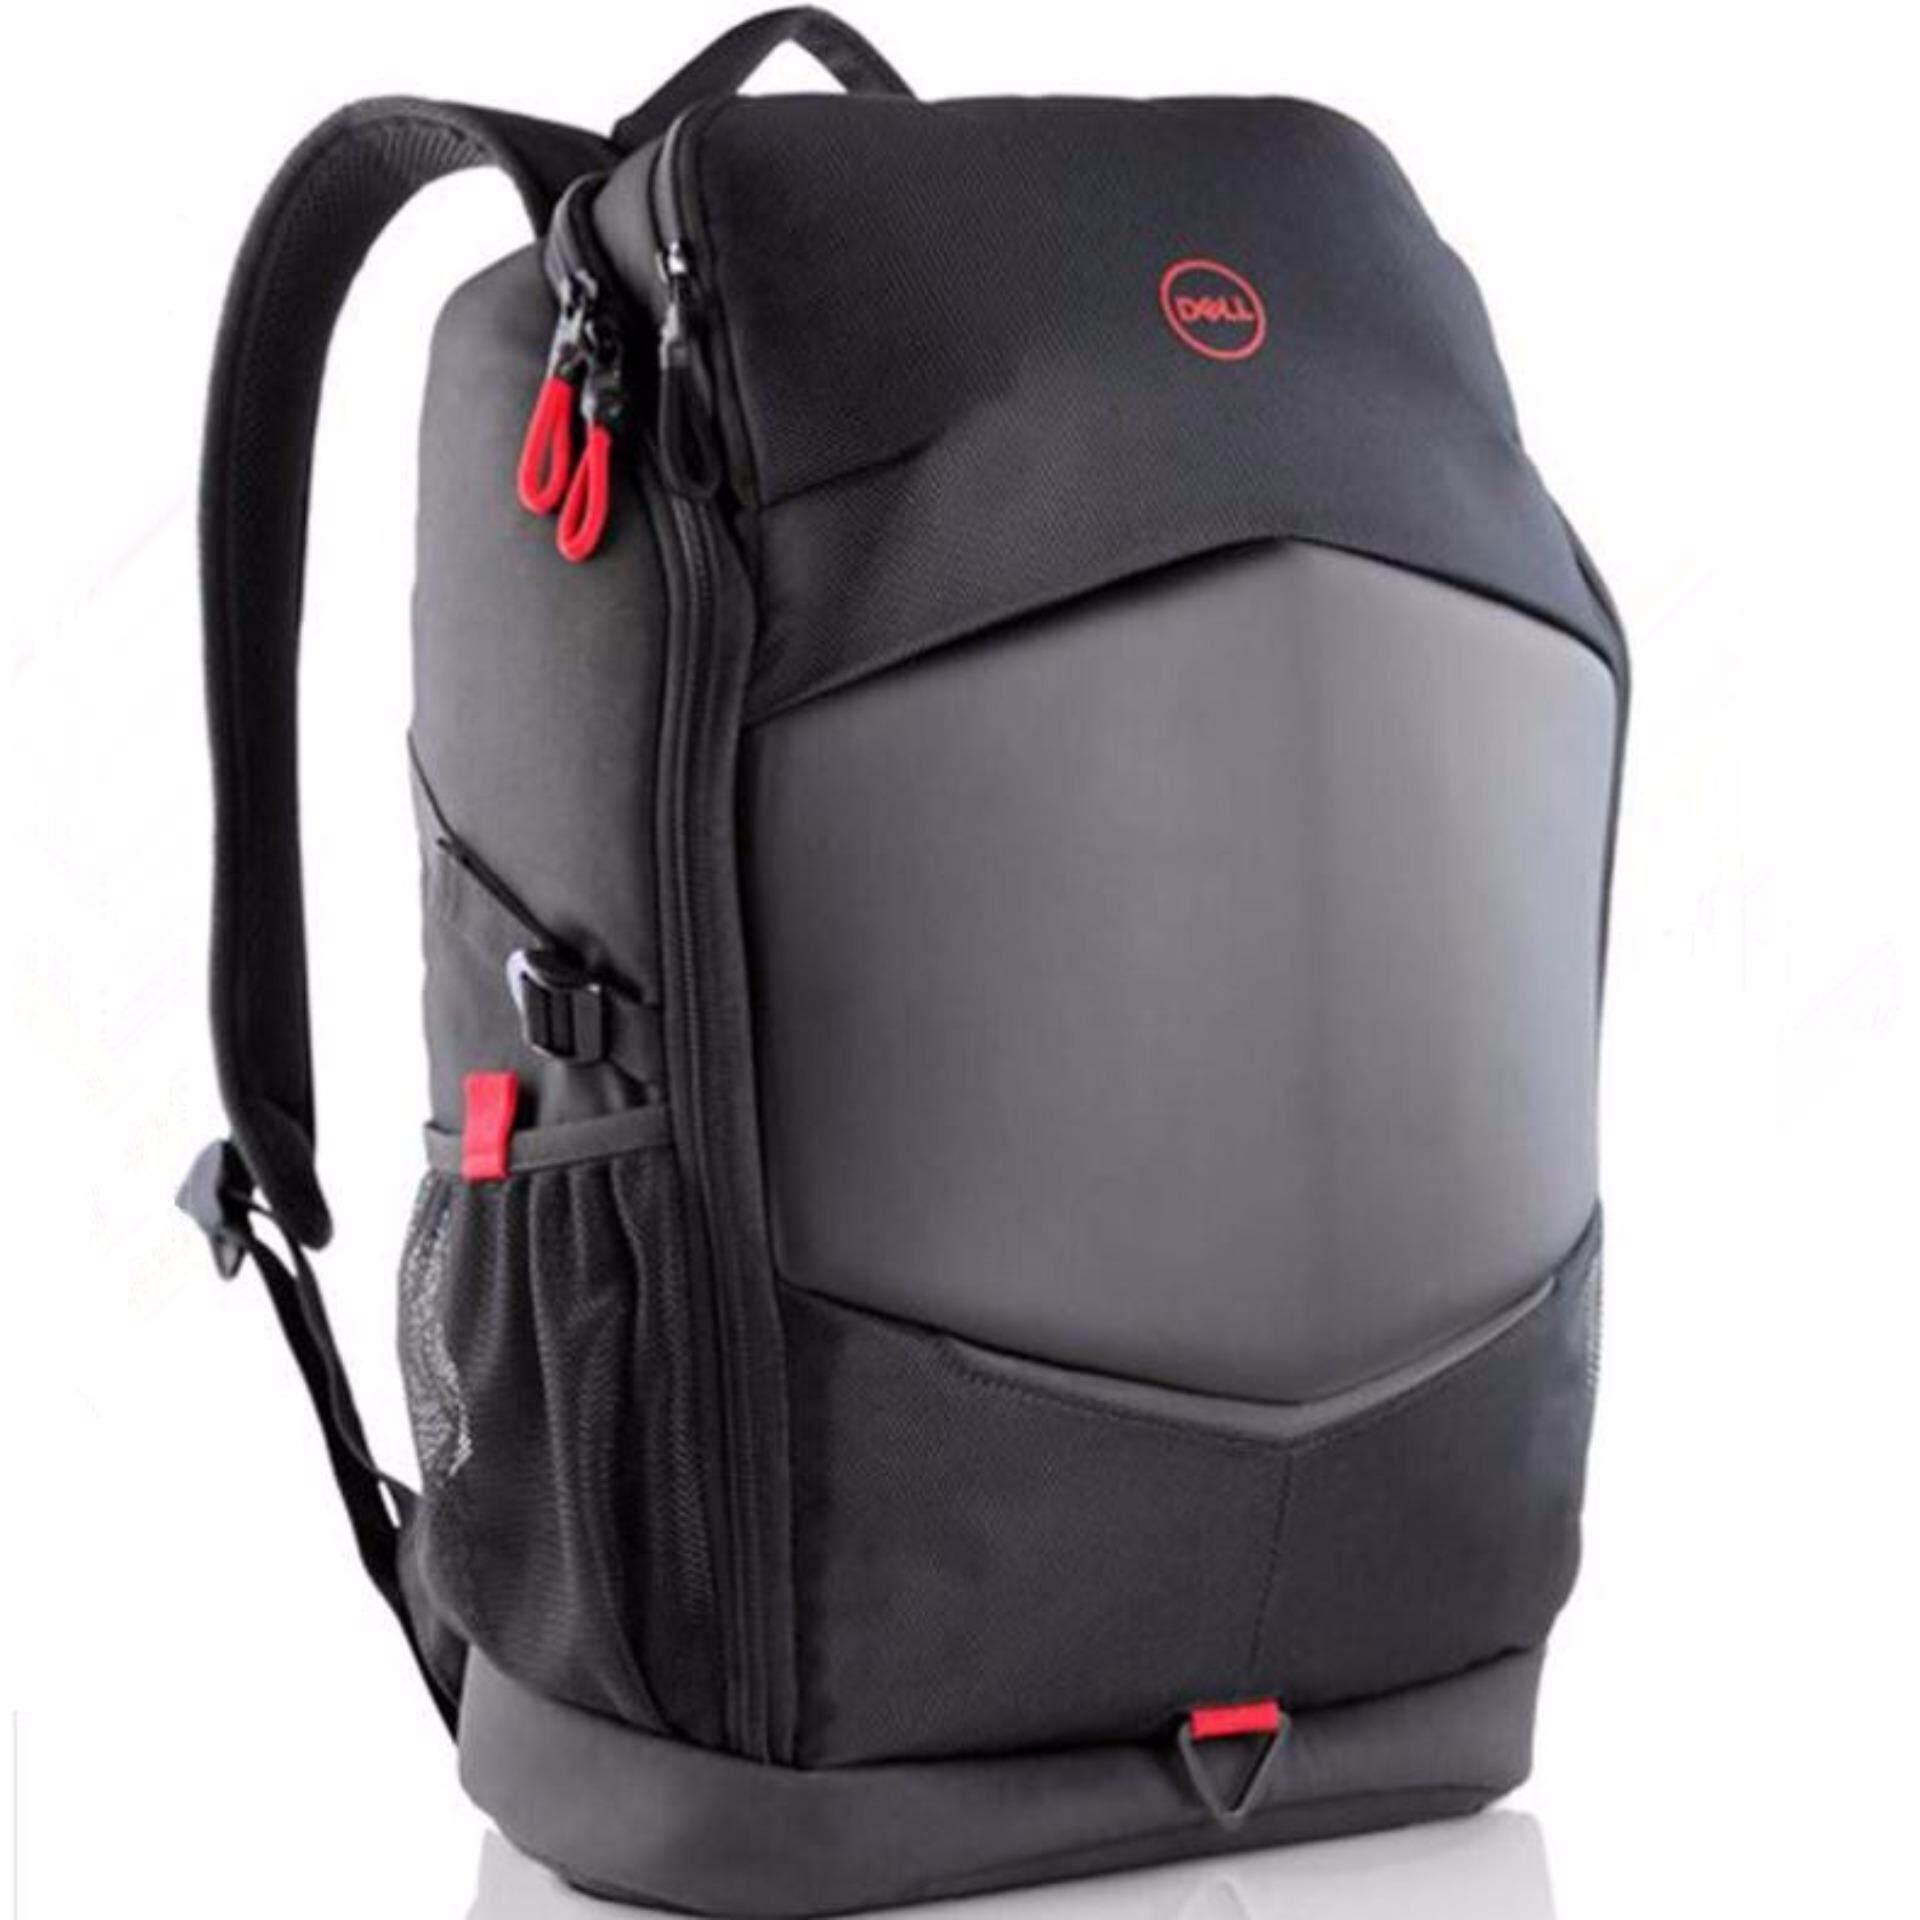 ราคา Leung Computers Gaming Backpack 15 02Wj63 New Arrival Intl เป็นต้นฉบับ Unbranded Generic